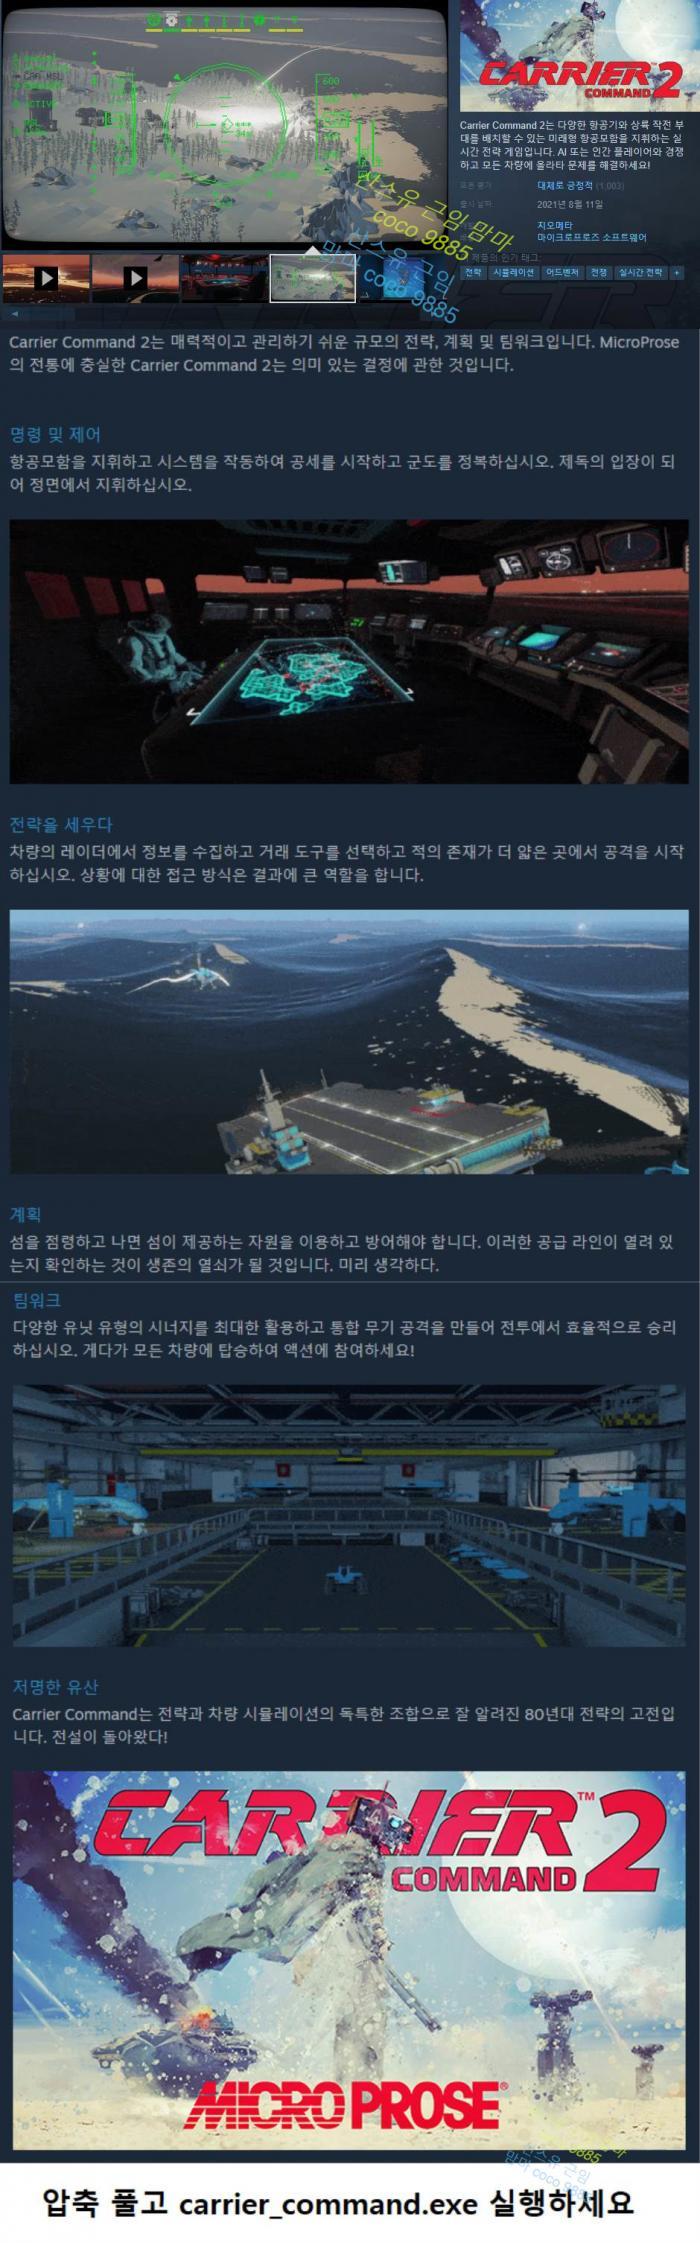 <b>항공모함 지휘 전략게임! 캐리어 커맨드 2 [무설치]</b>